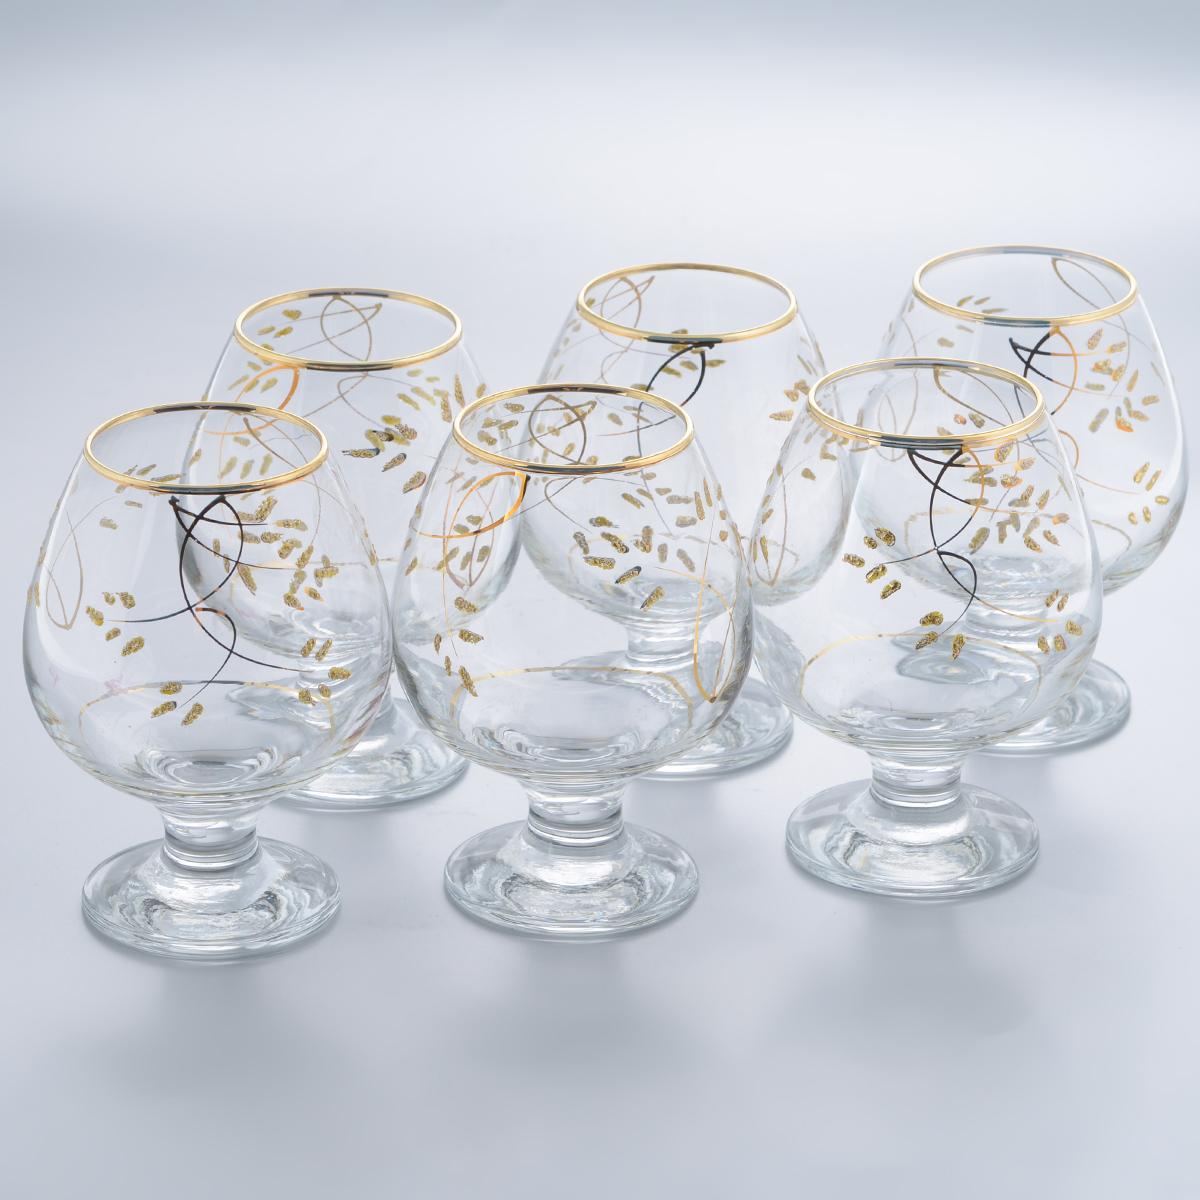 Набор бокалов для бренди Гусь-Хрустальный Колосок, 400 мл, 6 шт набор бокалов для бренди гусь хрустальный версаче 400 мл 6 шт